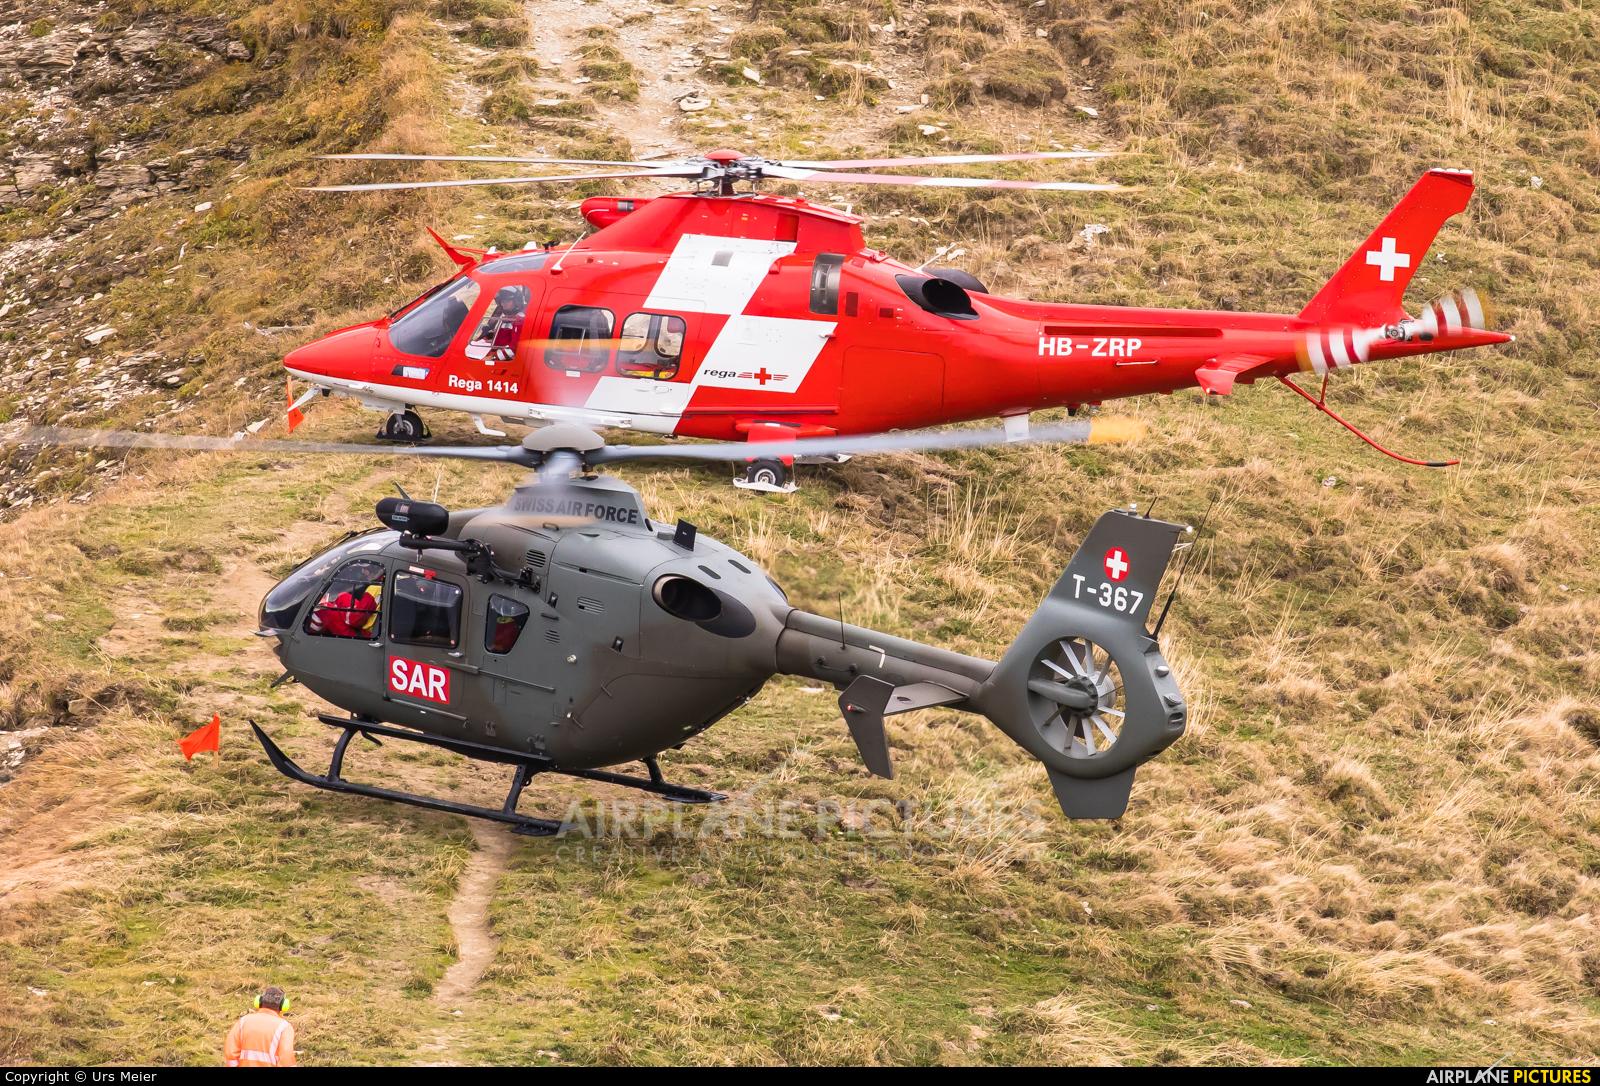 Switzerland - Air Force T-367 aircraft at Axalp - Ebenfluh Range